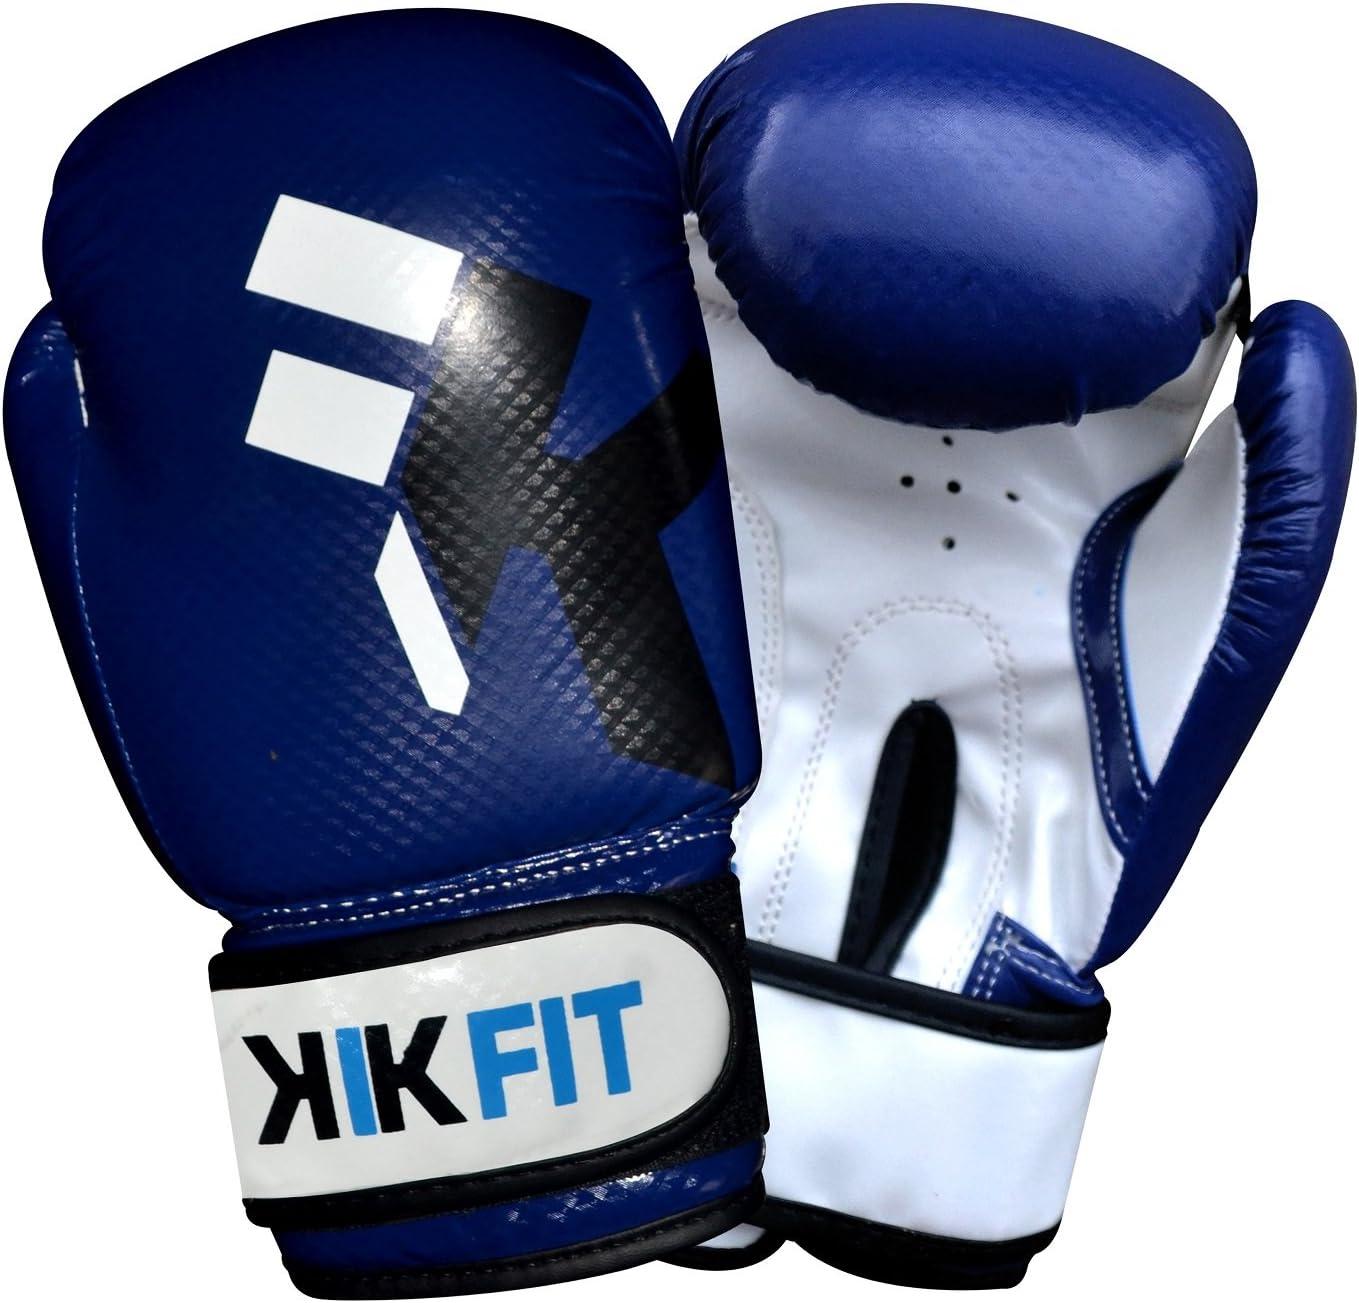 KIKFIT Niños petaca de 6 oz Petaca de Piel Guantes de Boxeo Junior niños MMA Sparring Boxeo Guantes Muay Thai Training: Amazon.es: Deportes y aire libre